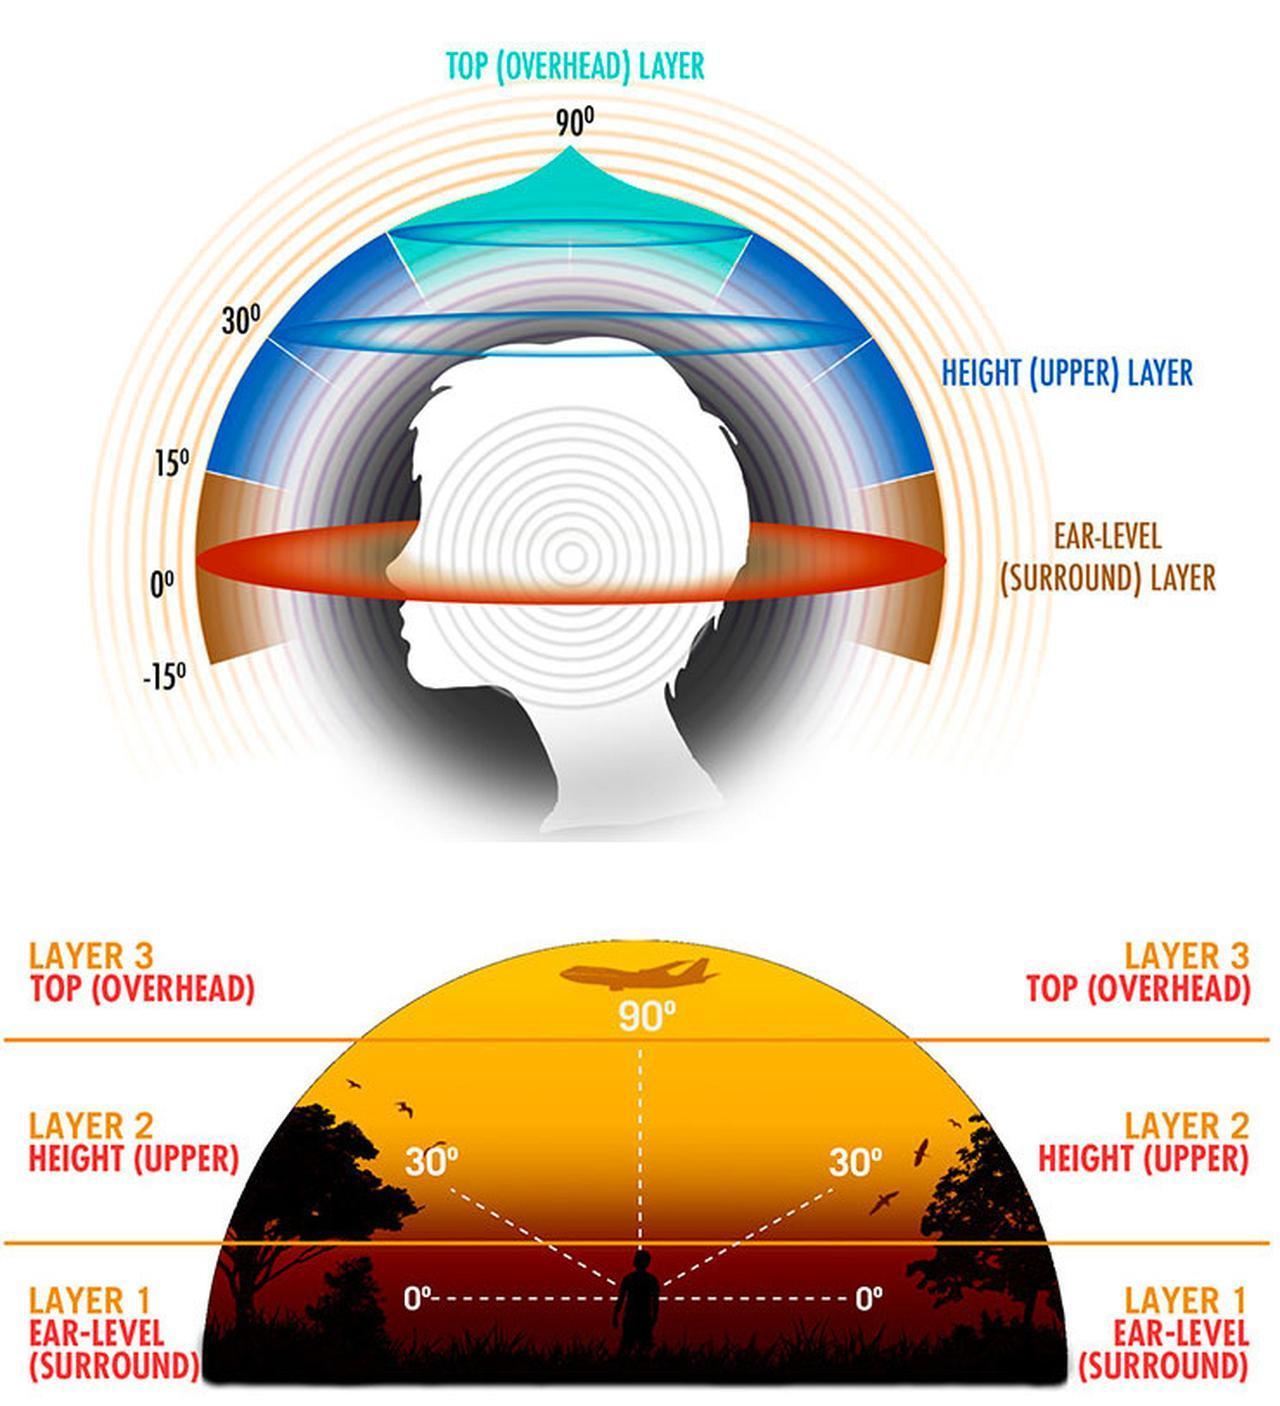 画像: スピーカーの高さは、ベースチャンネルを耳の高さを基準(0度)にして上下15度の範囲とし、ハイトスピーカーは30度プラスマイナス15度の範囲に置く